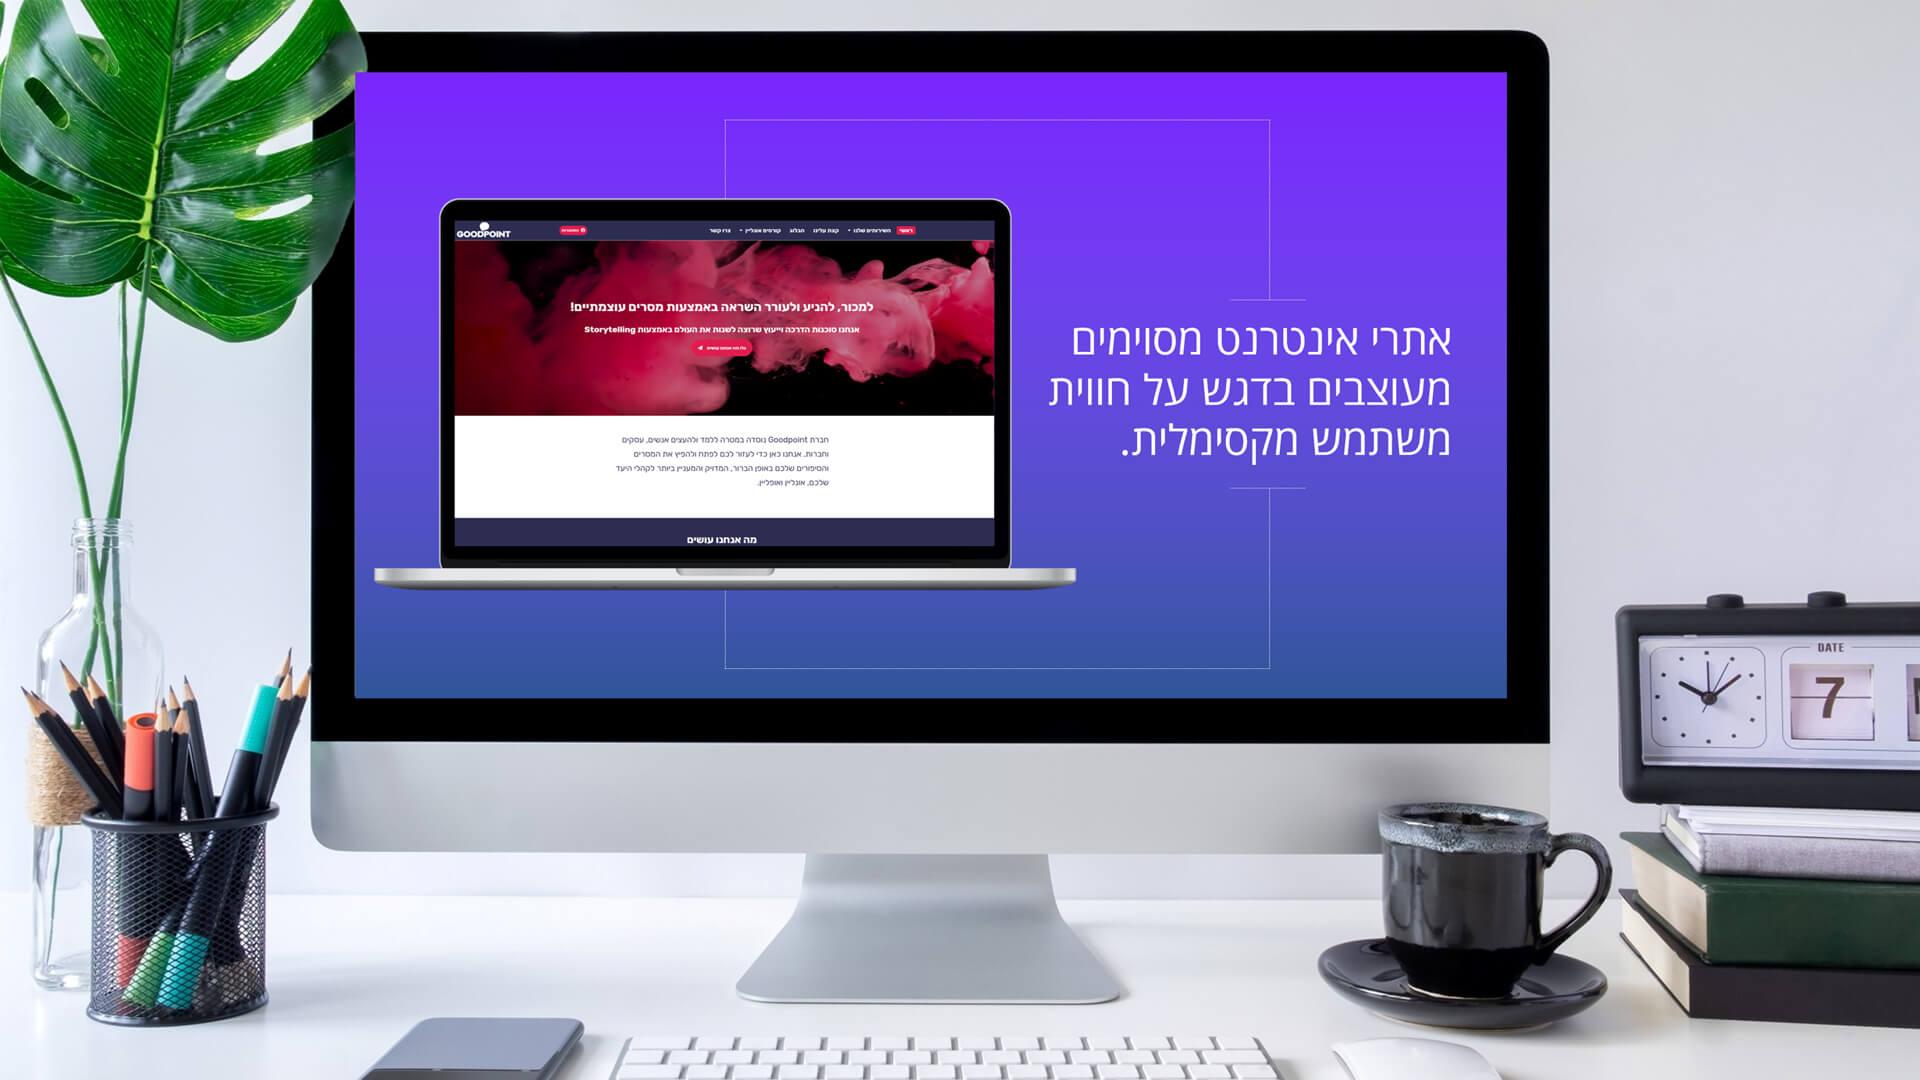 מדריך וידאו: שימוש במוקאפים לצילומי מסך